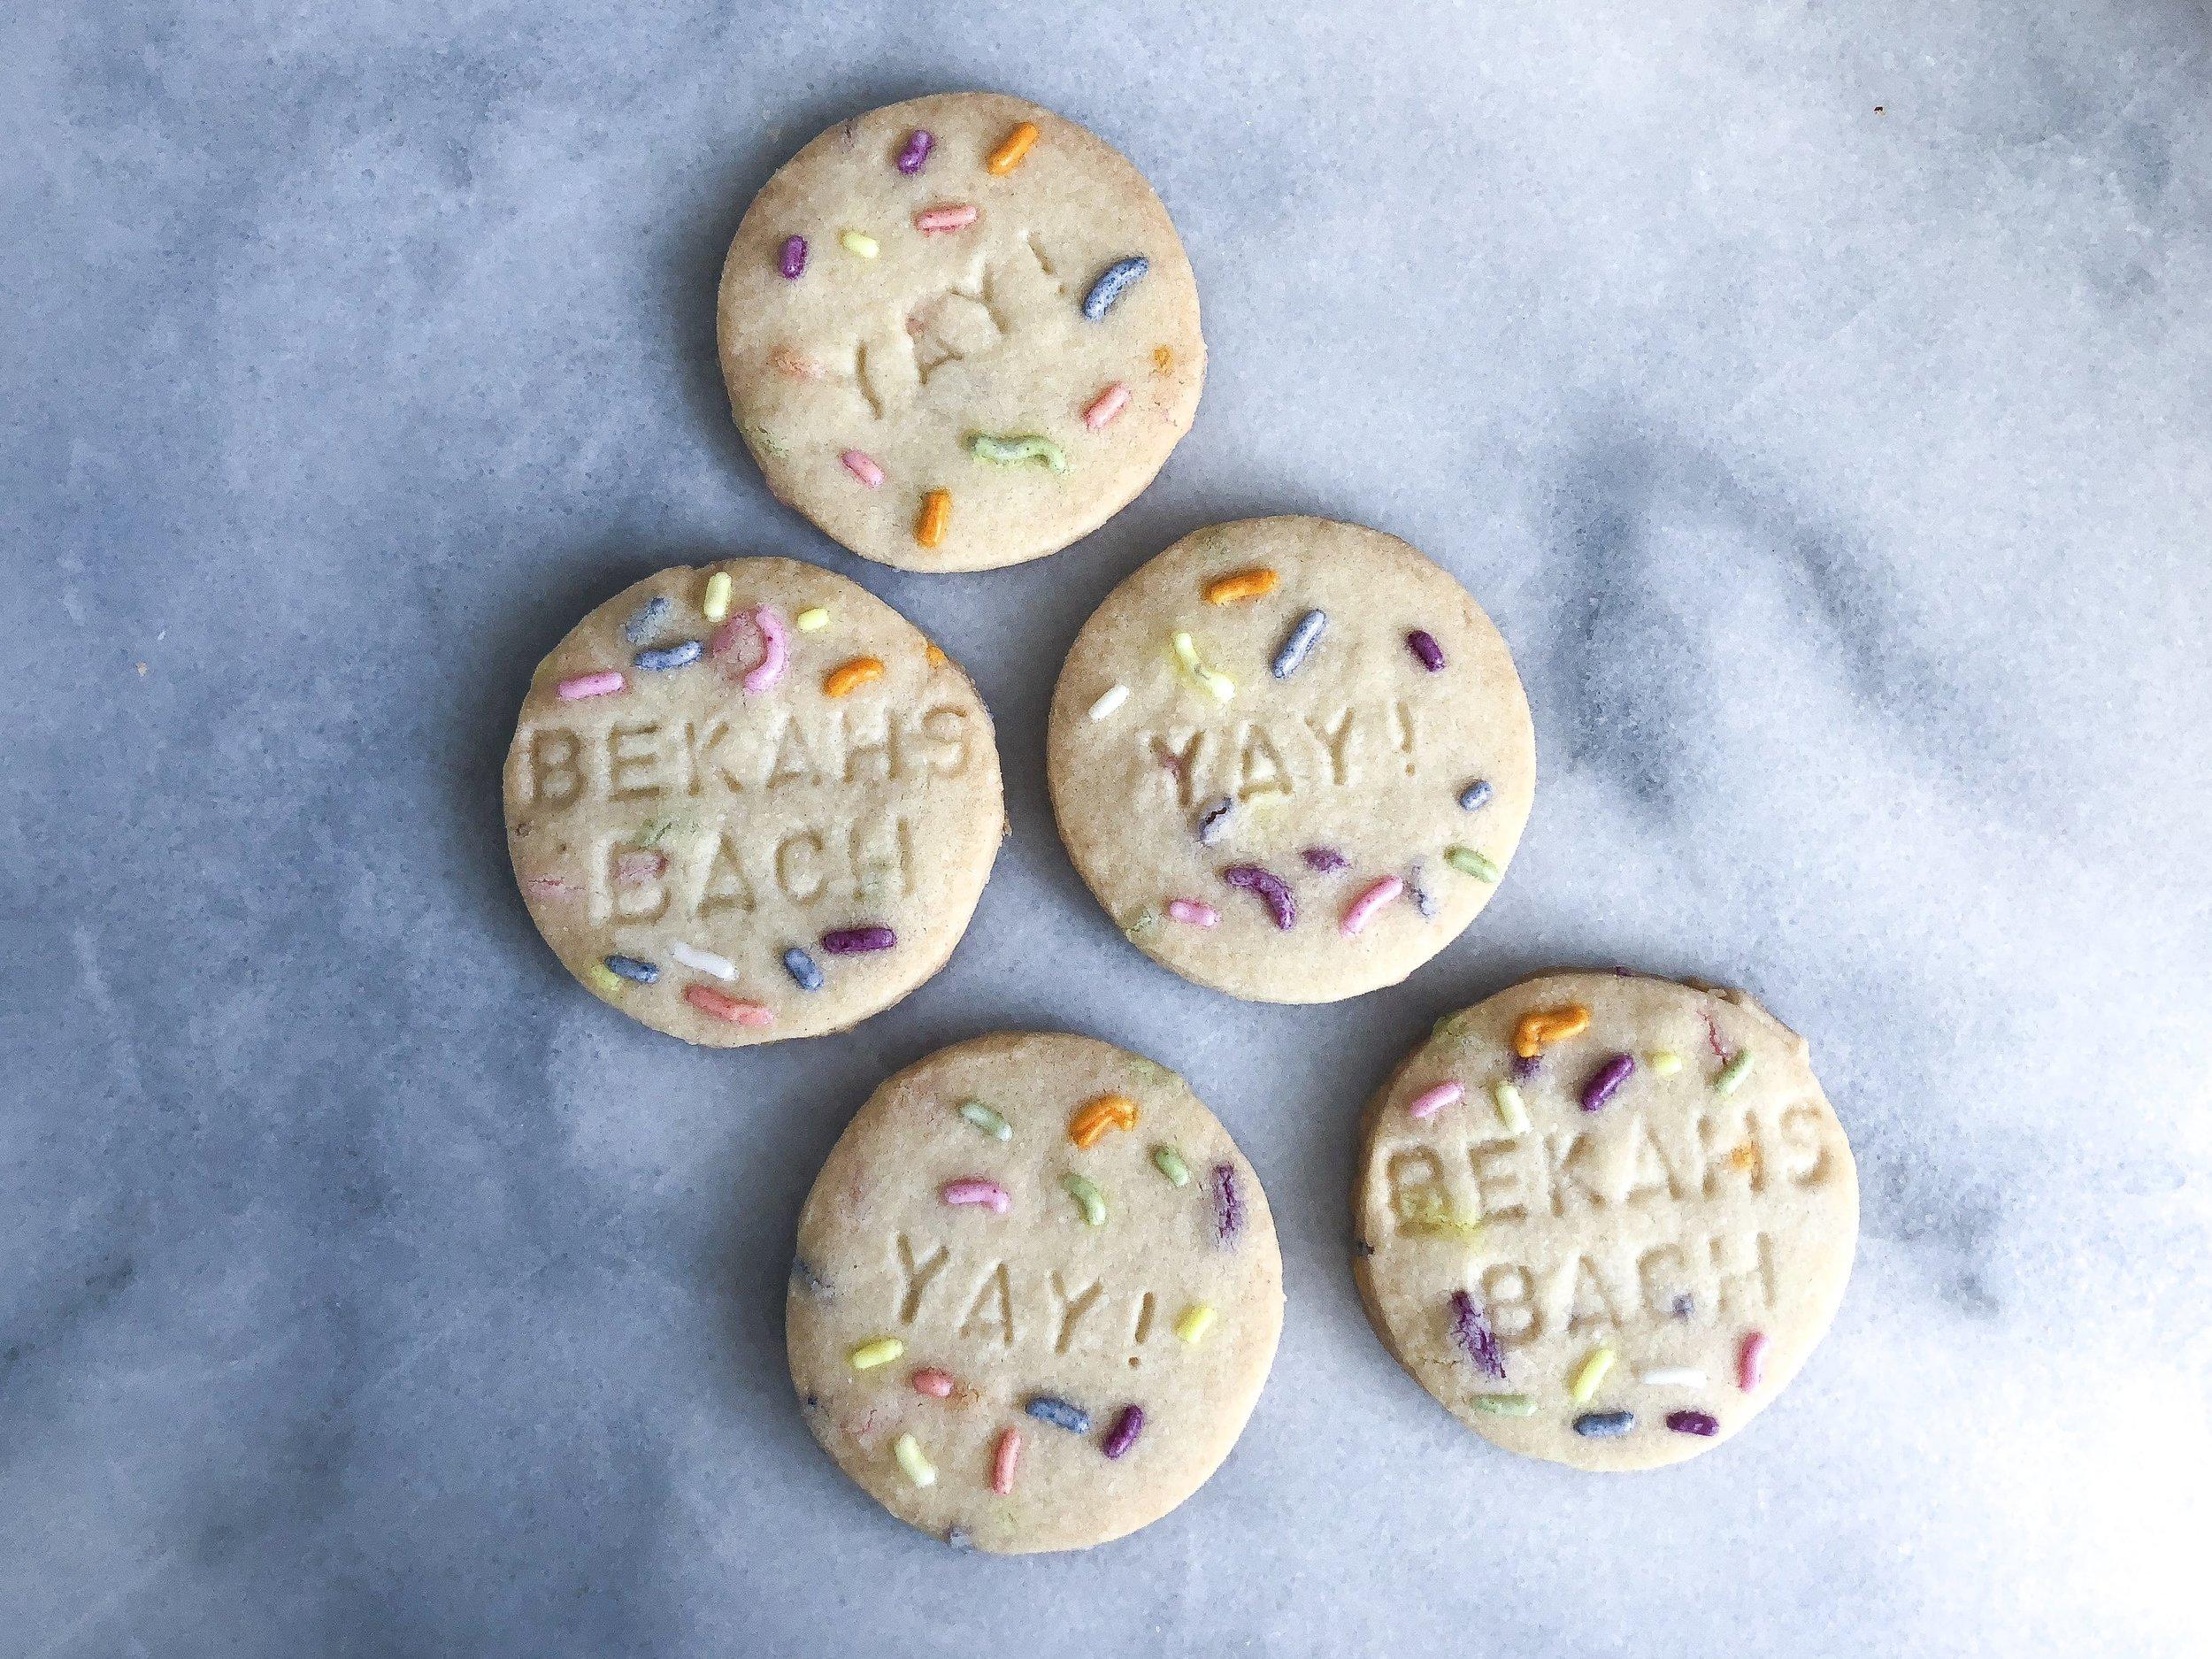 bekah'sbachcookiesIMG_0943.jpg